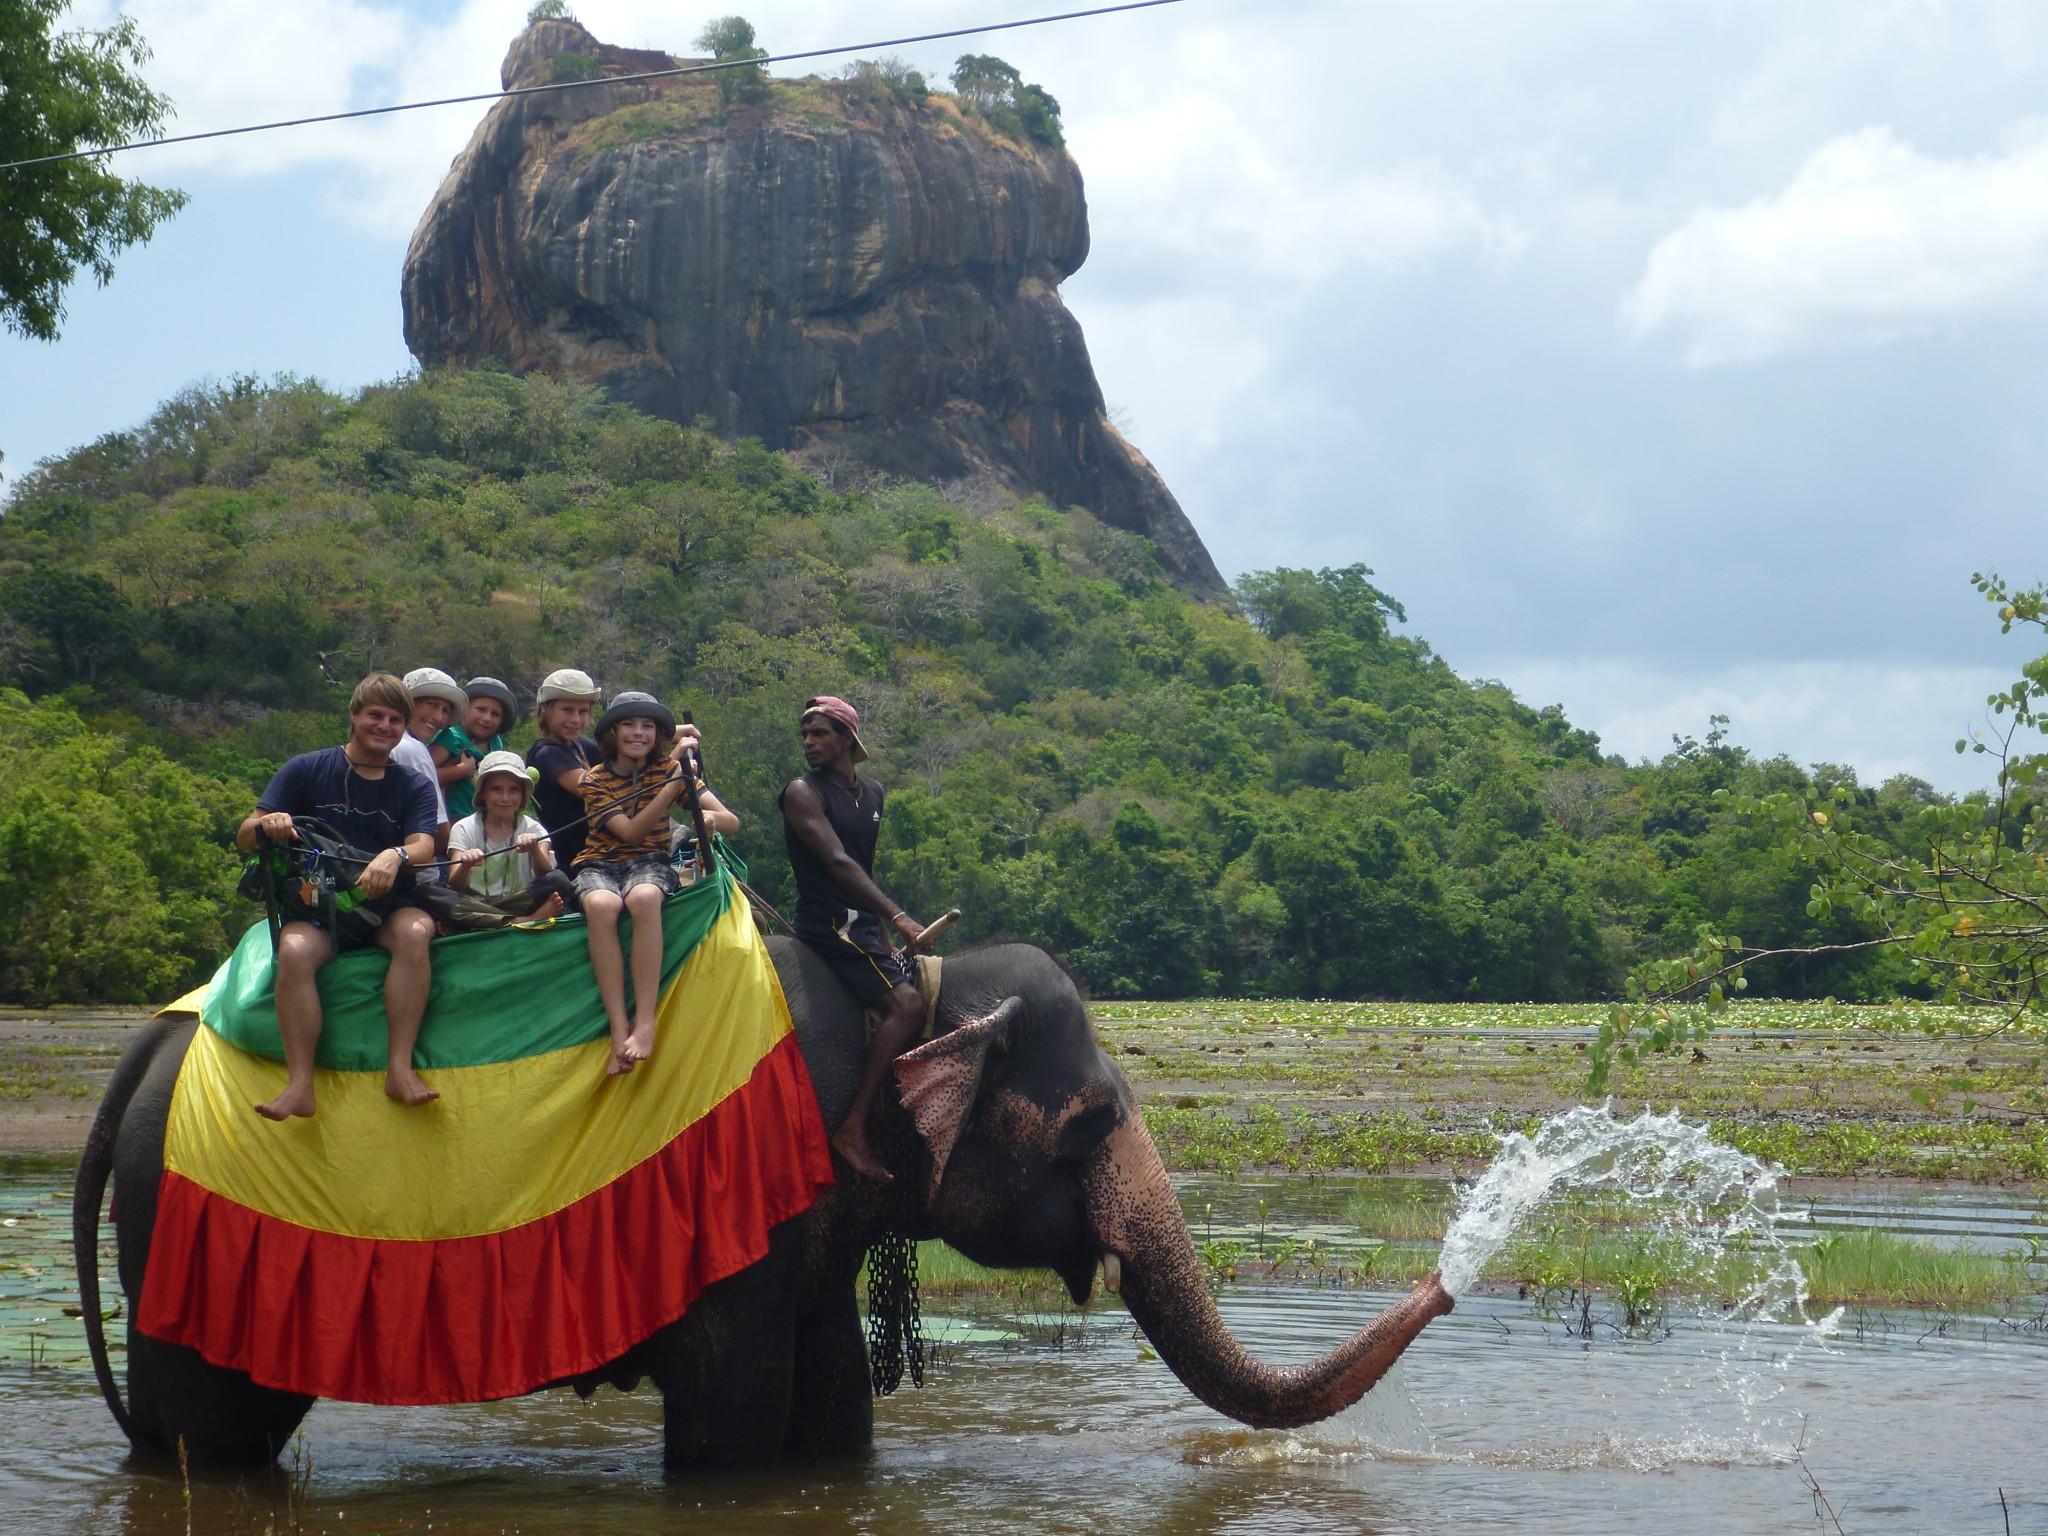 Zu sechst auf einem Elefanten in Sri Lanka